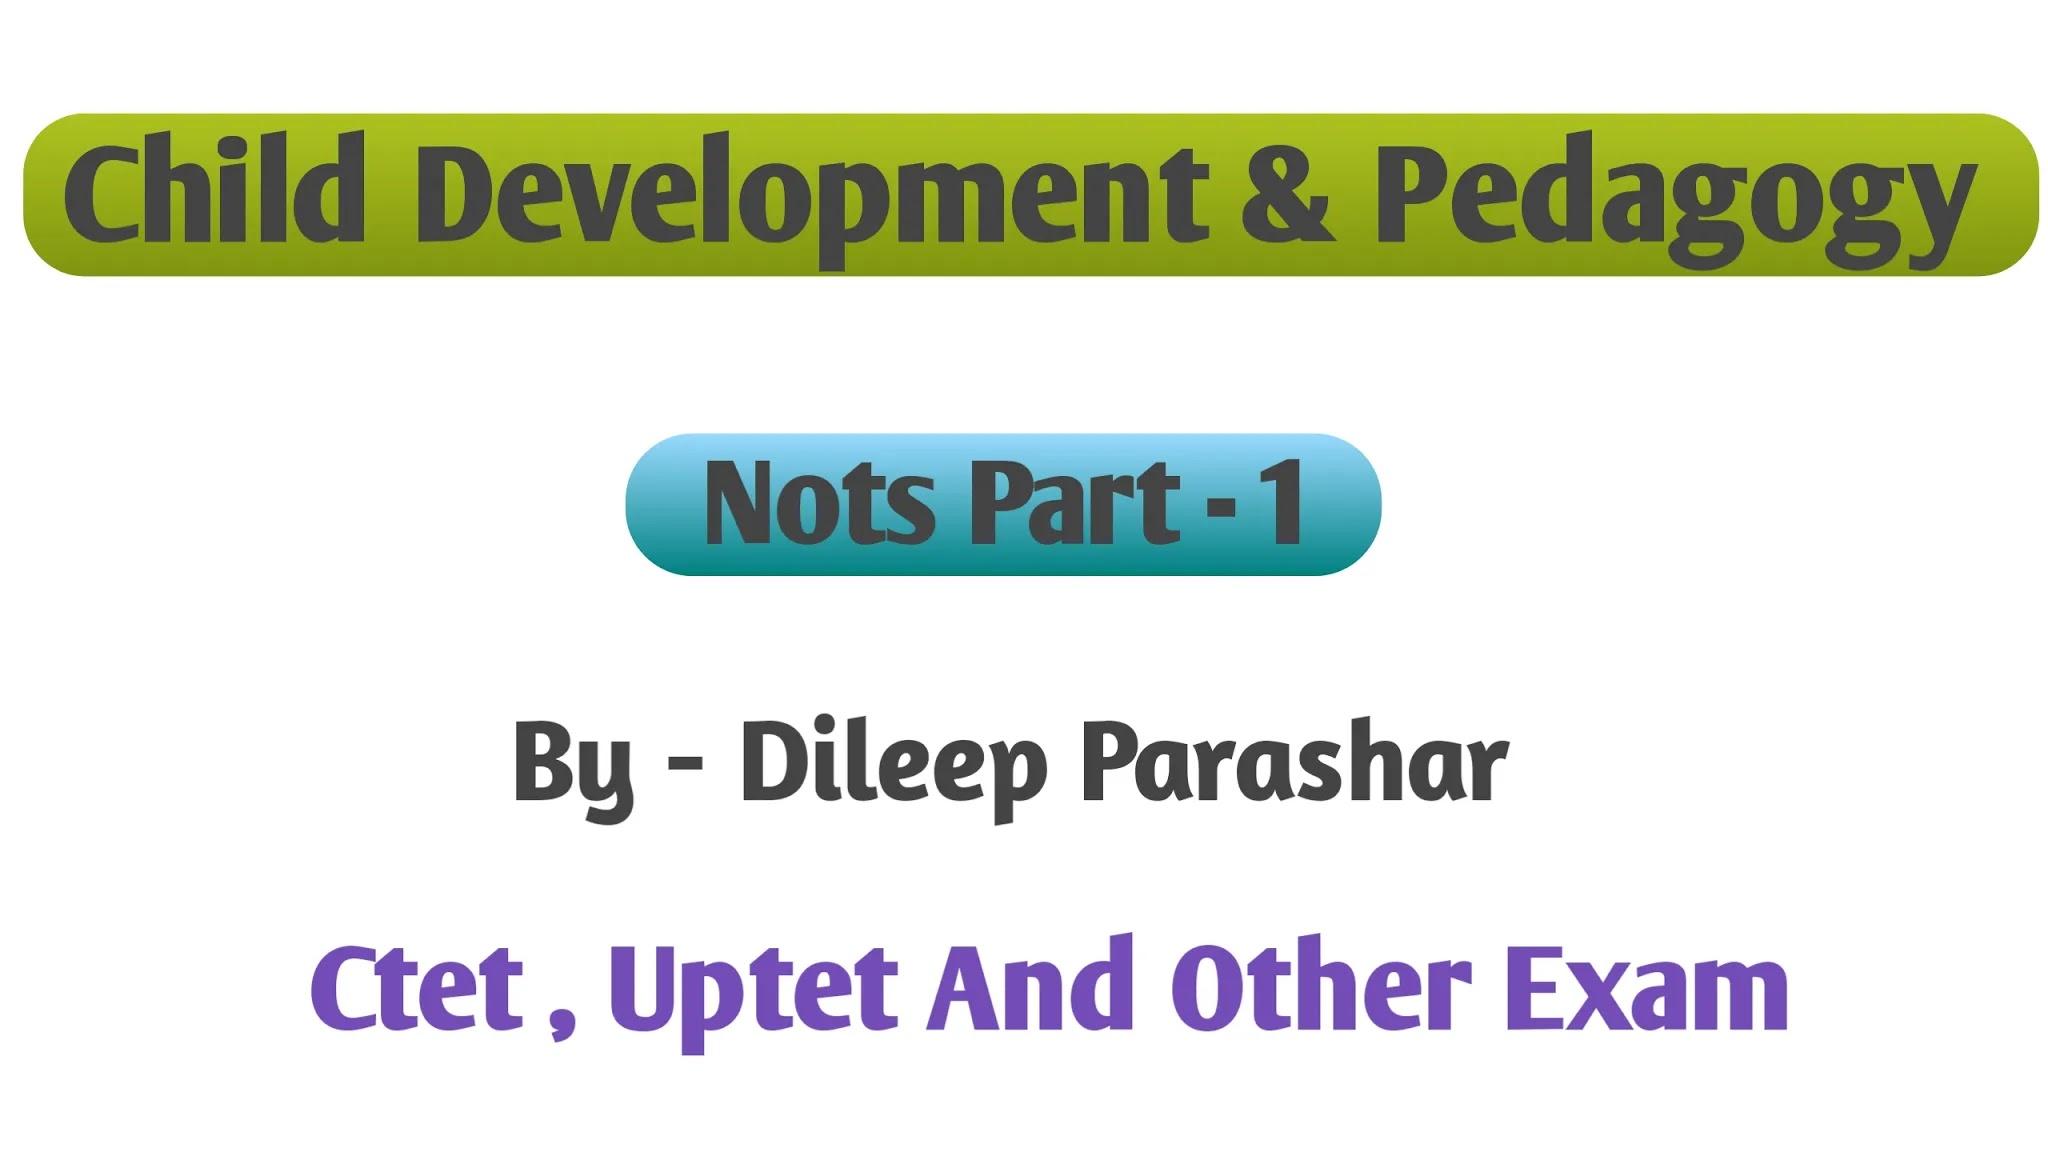 Child Development & Pedagogy Nots Part-1